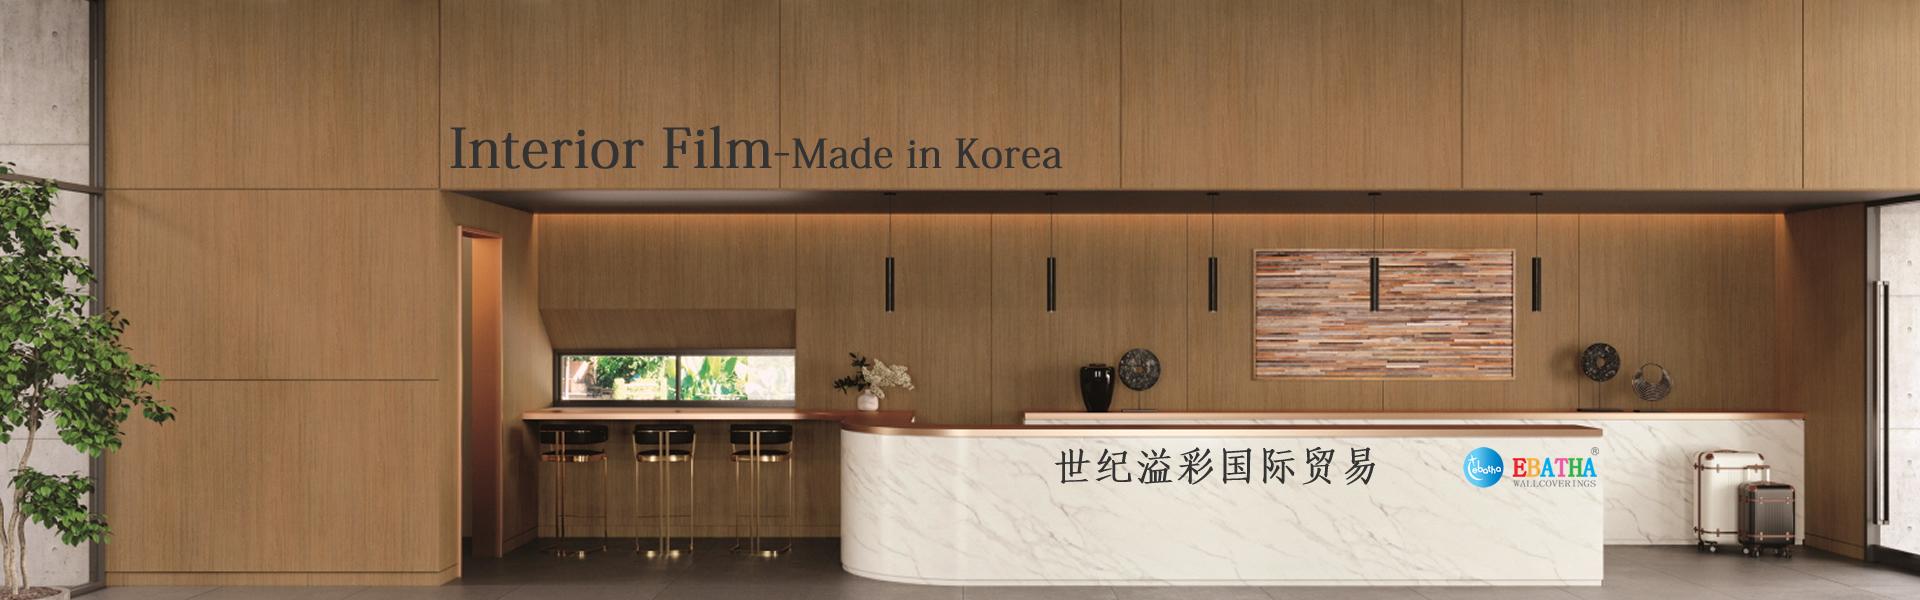 韩国进口装饰贴膜|世纪溢彩国际贸易|工厂代理|现货批发|LG贴膜|SOIF贴膜|3M贴膜|韩华贴膜|BODAQ贴膜|